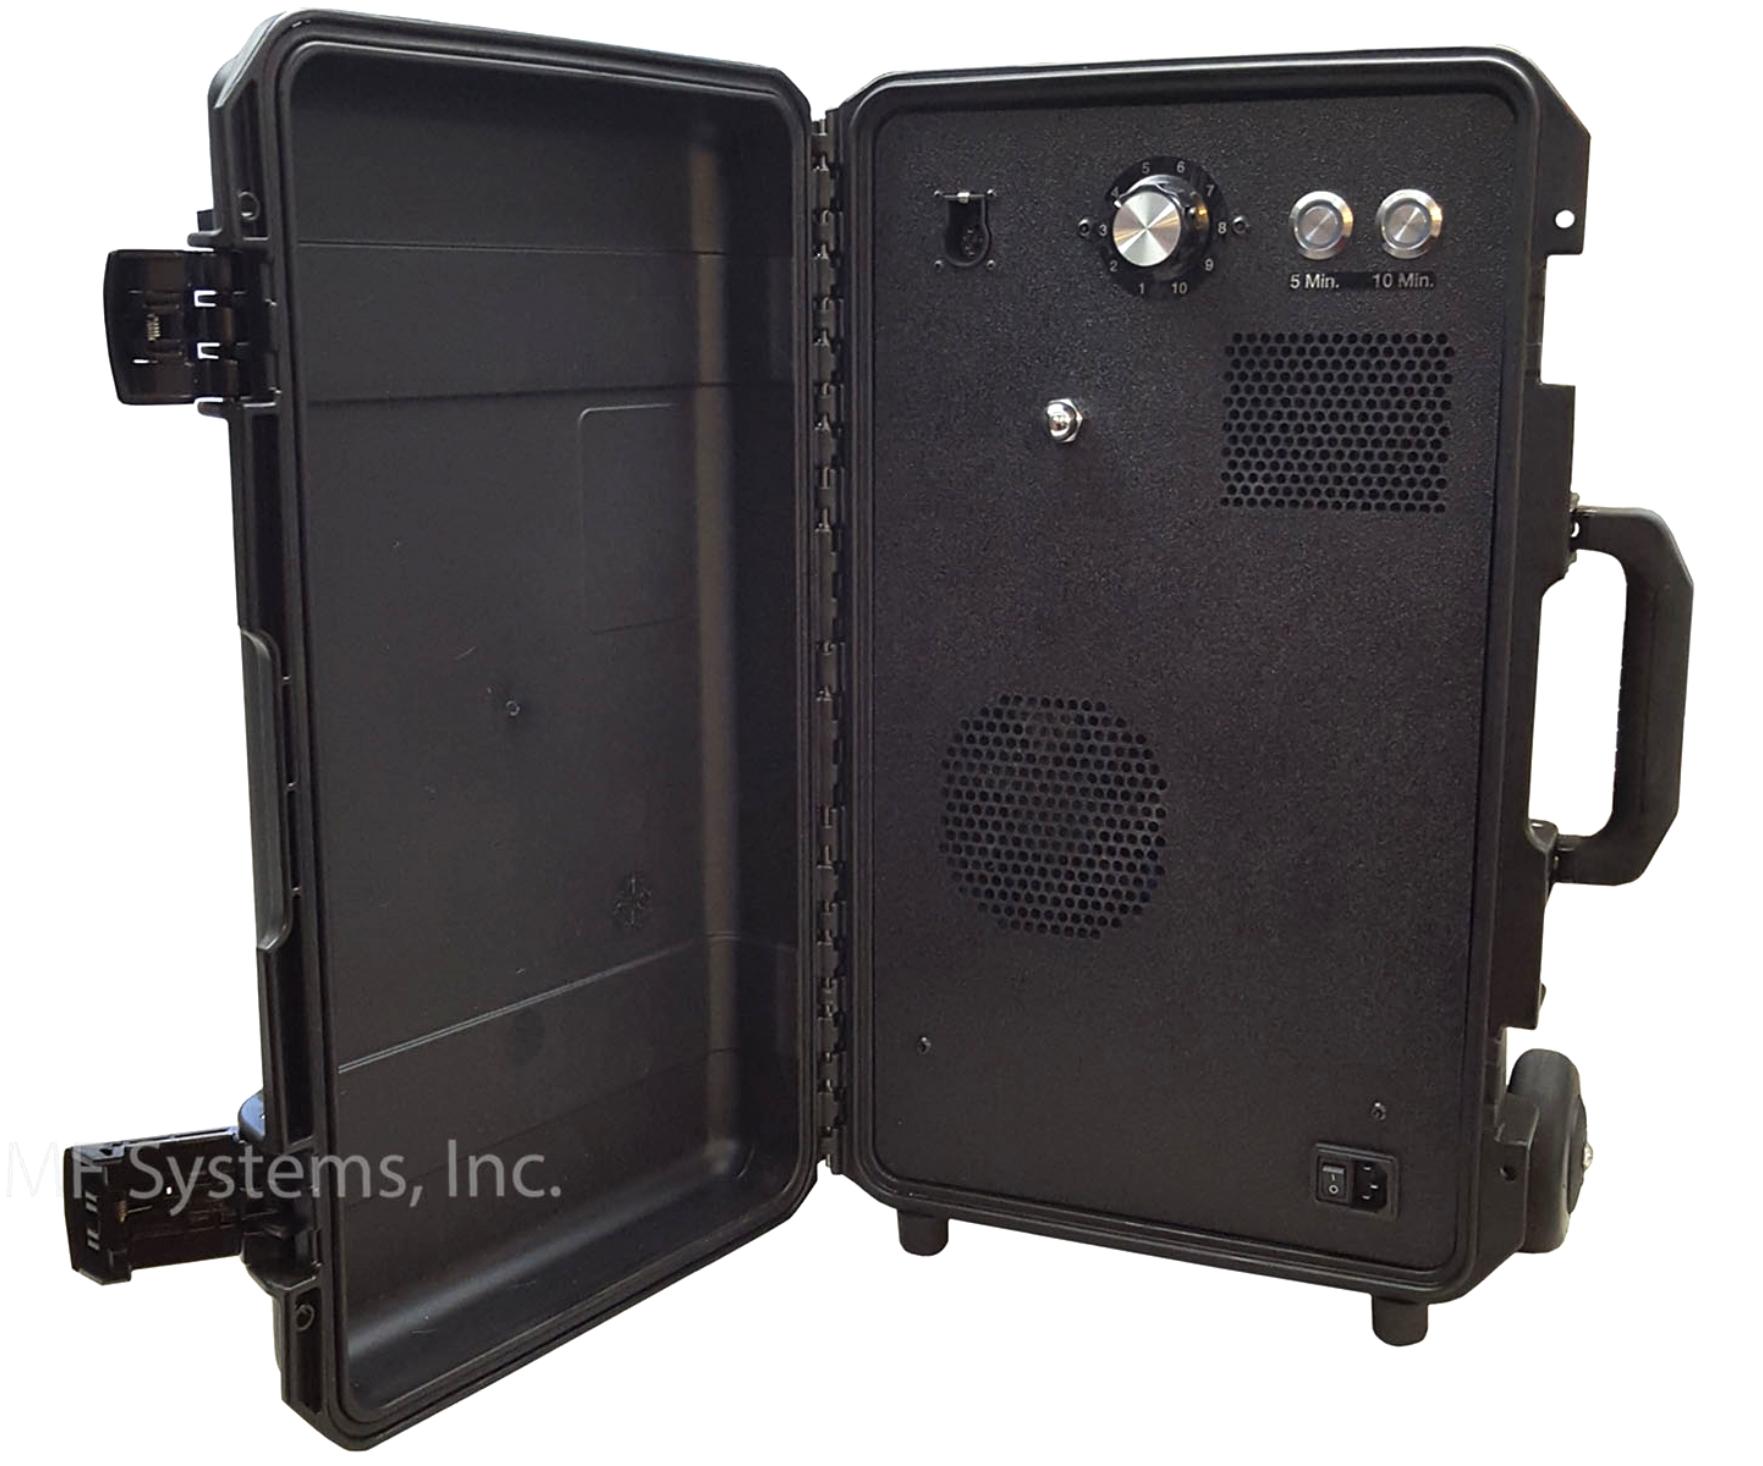 EquiPulse X1 HP - $21,000*